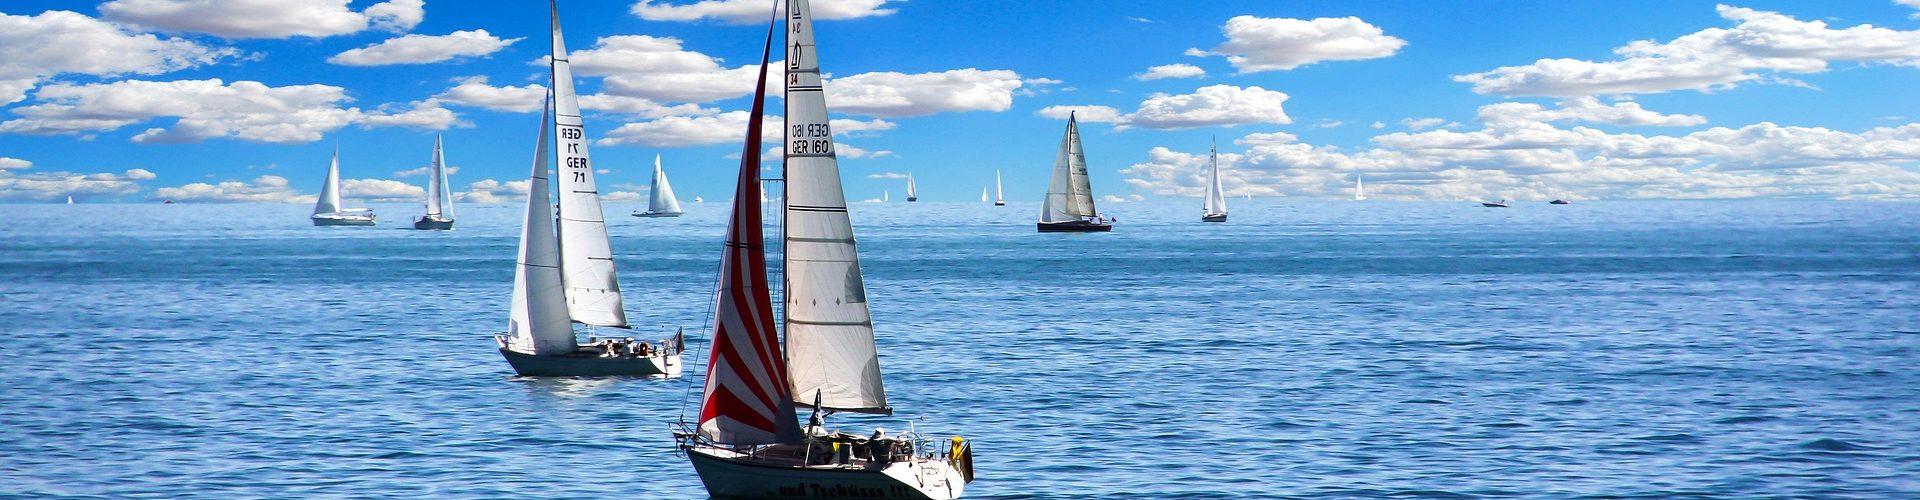 segeln lernen in Wentorf segelschein machen in Wentorf 1920x500 - Segeln lernen in Wentorf